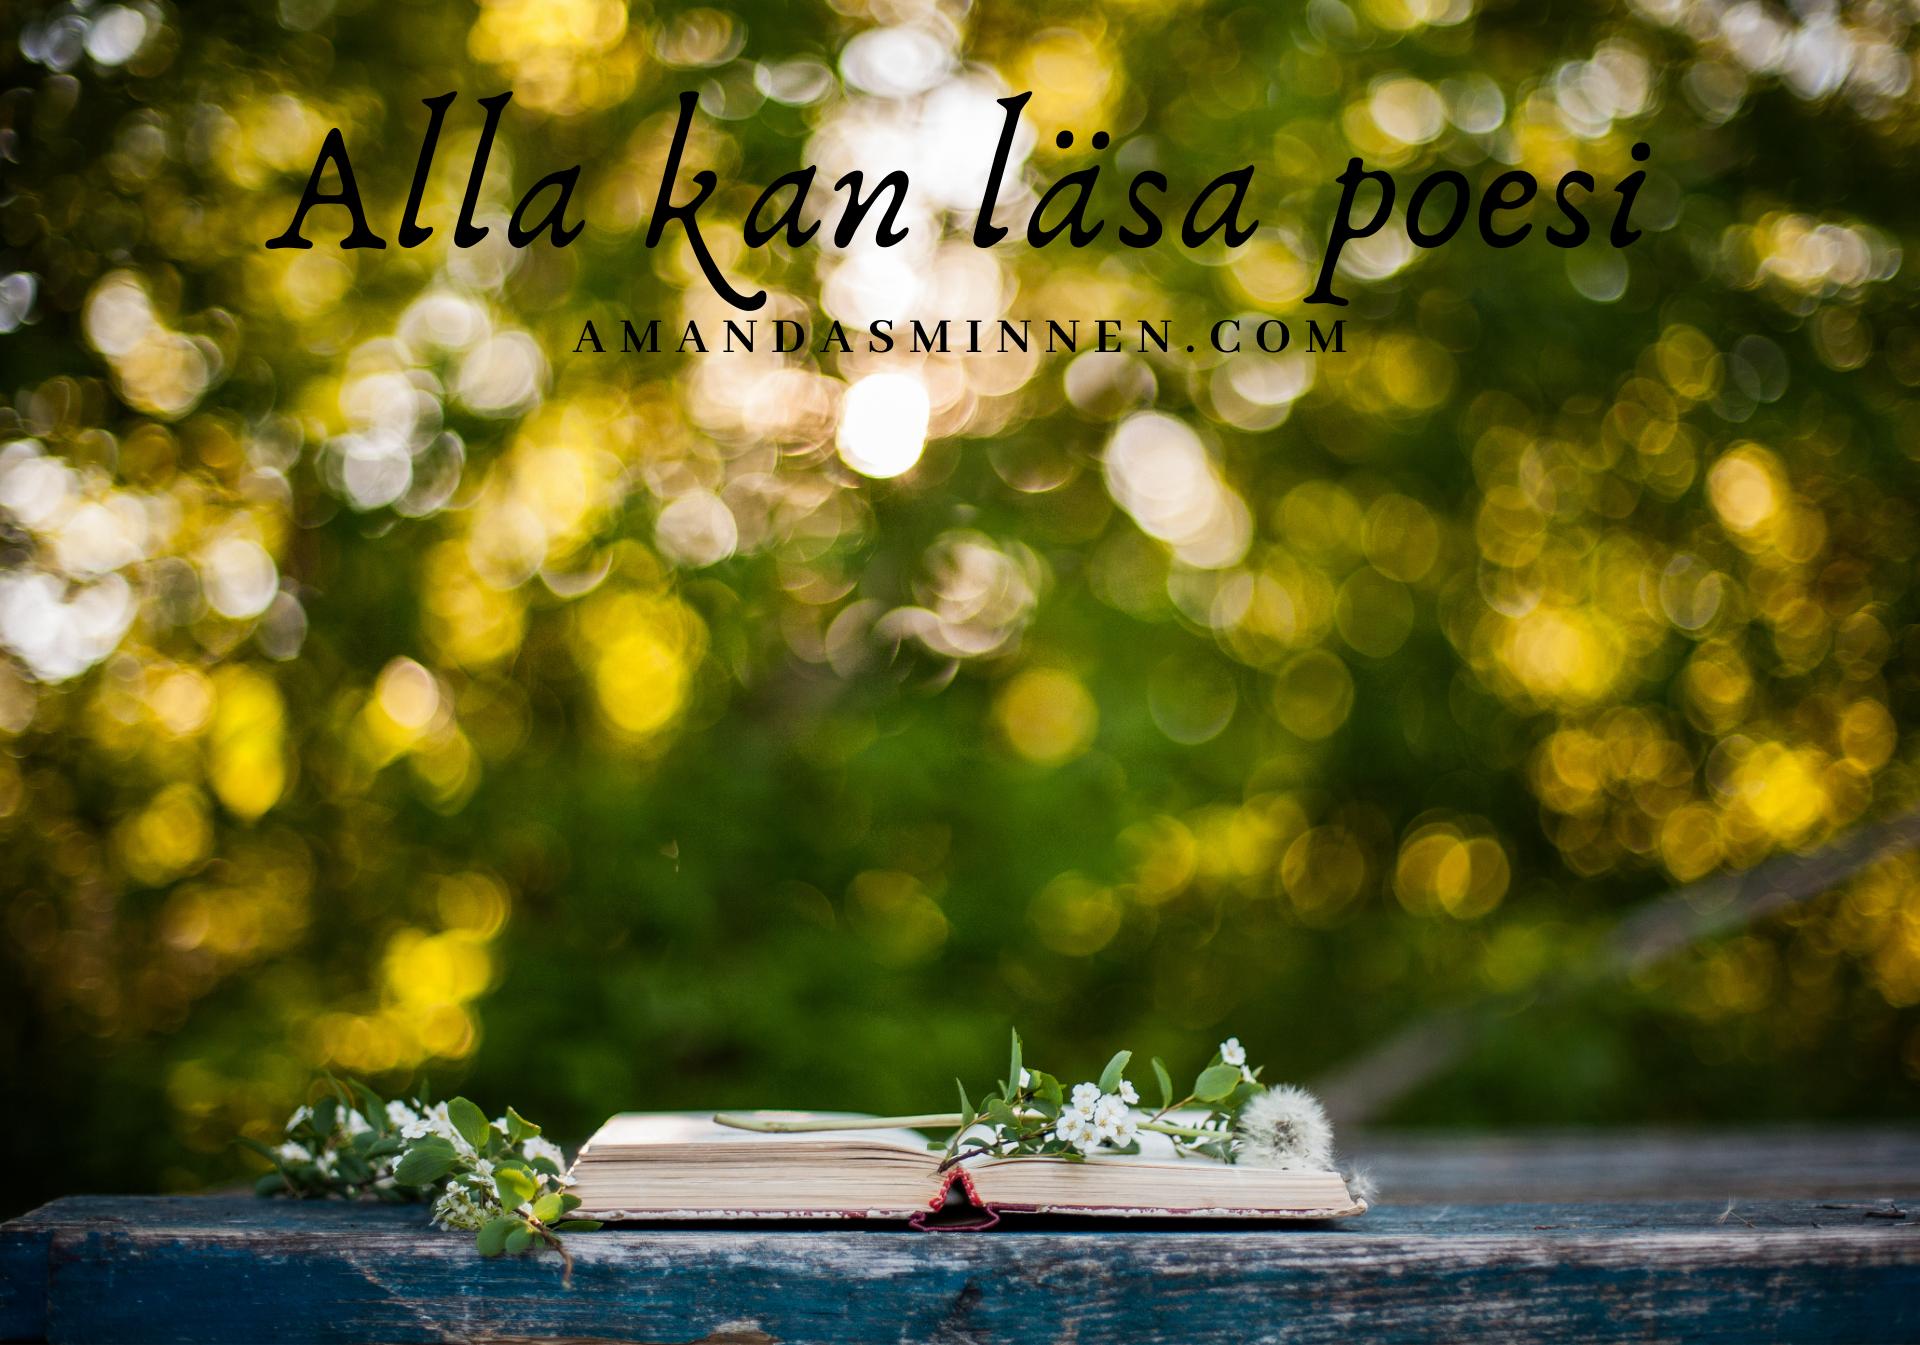 Alla kan läsa poesi